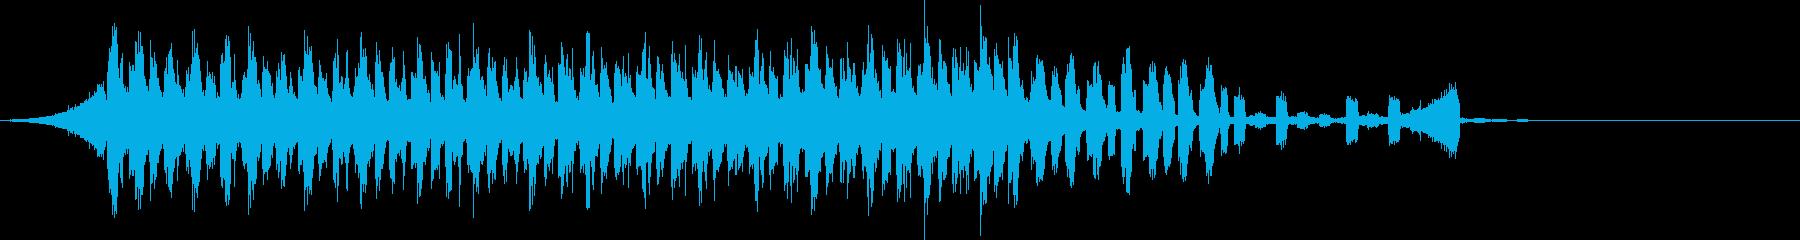 CM明るく爽快軽快ピアノポップジングルcの再生済みの波形